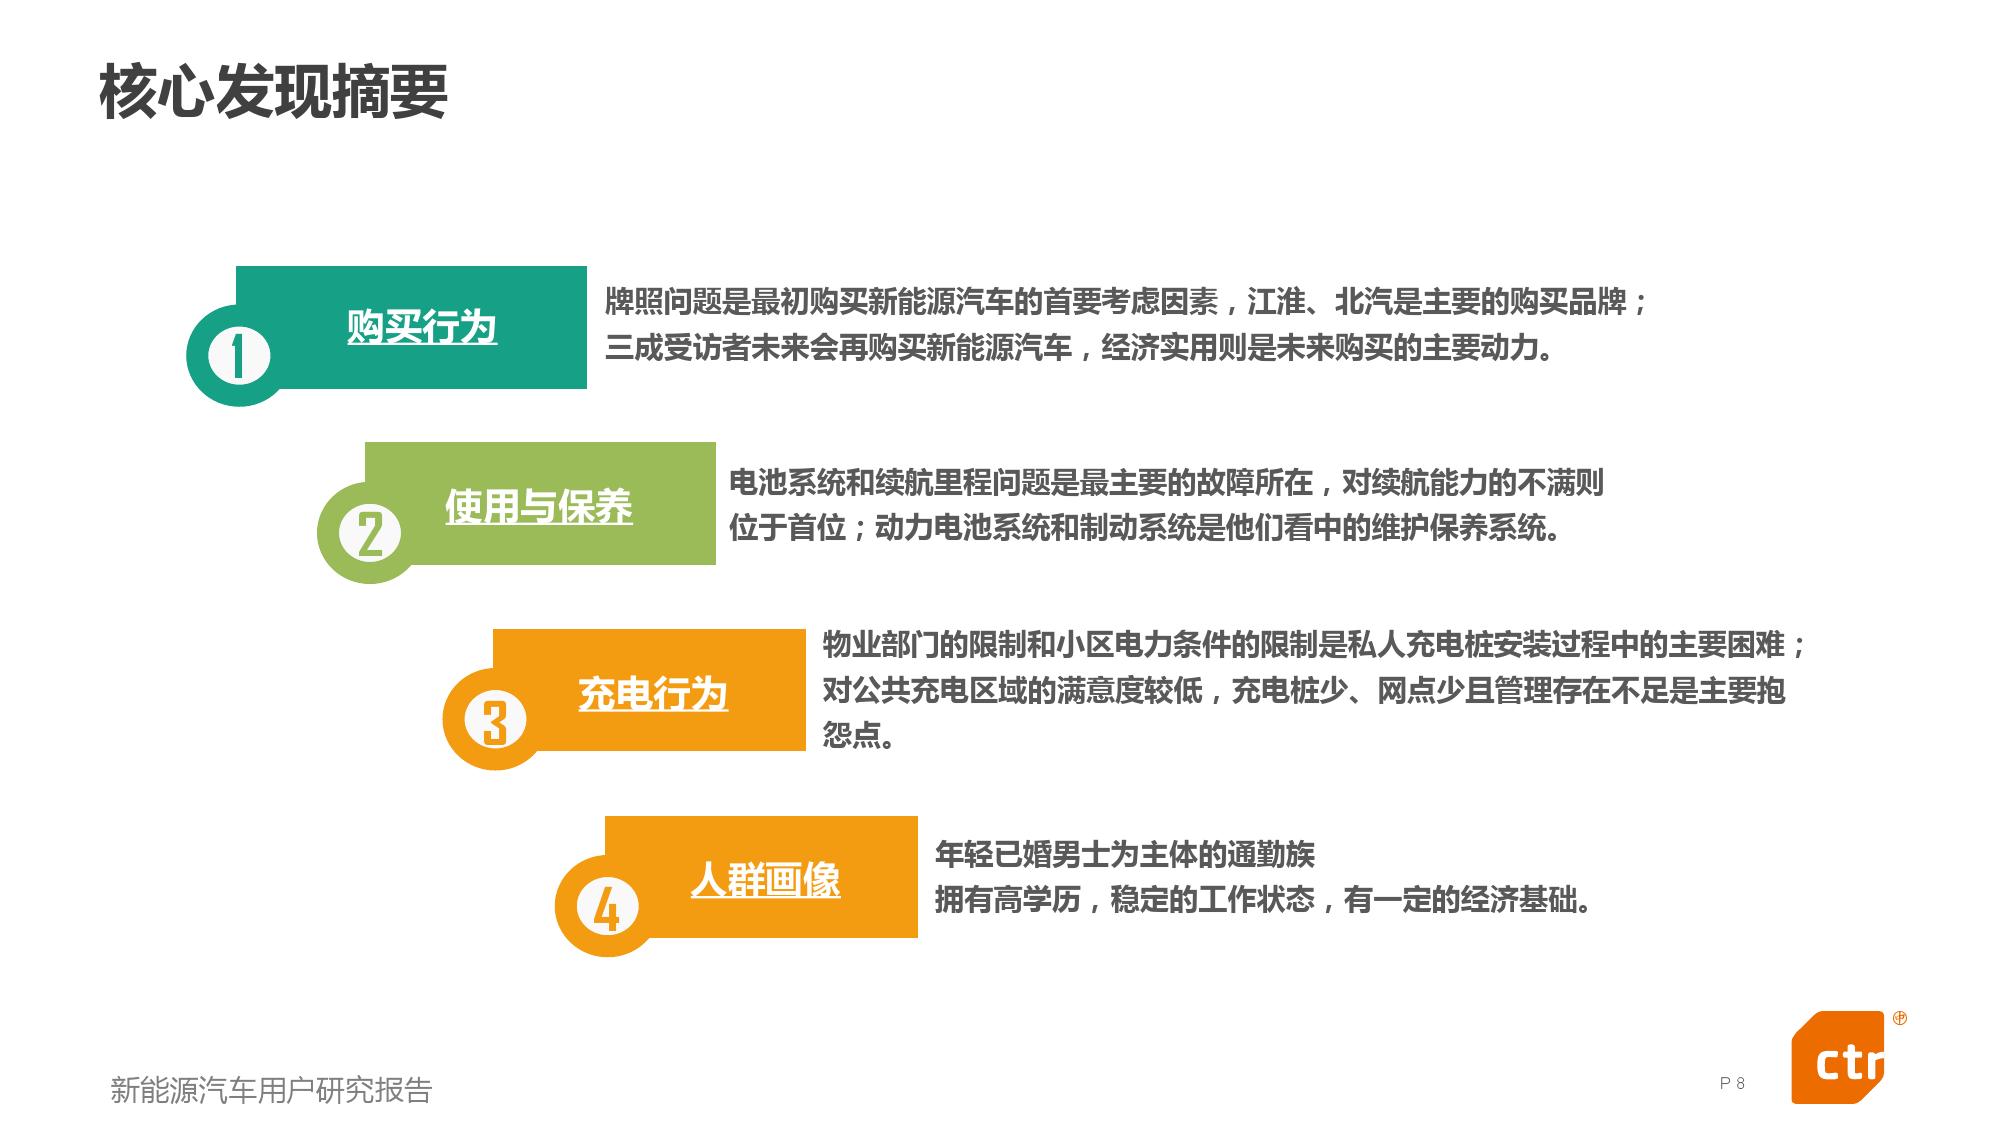 新能源汽车用户研究报告_000008